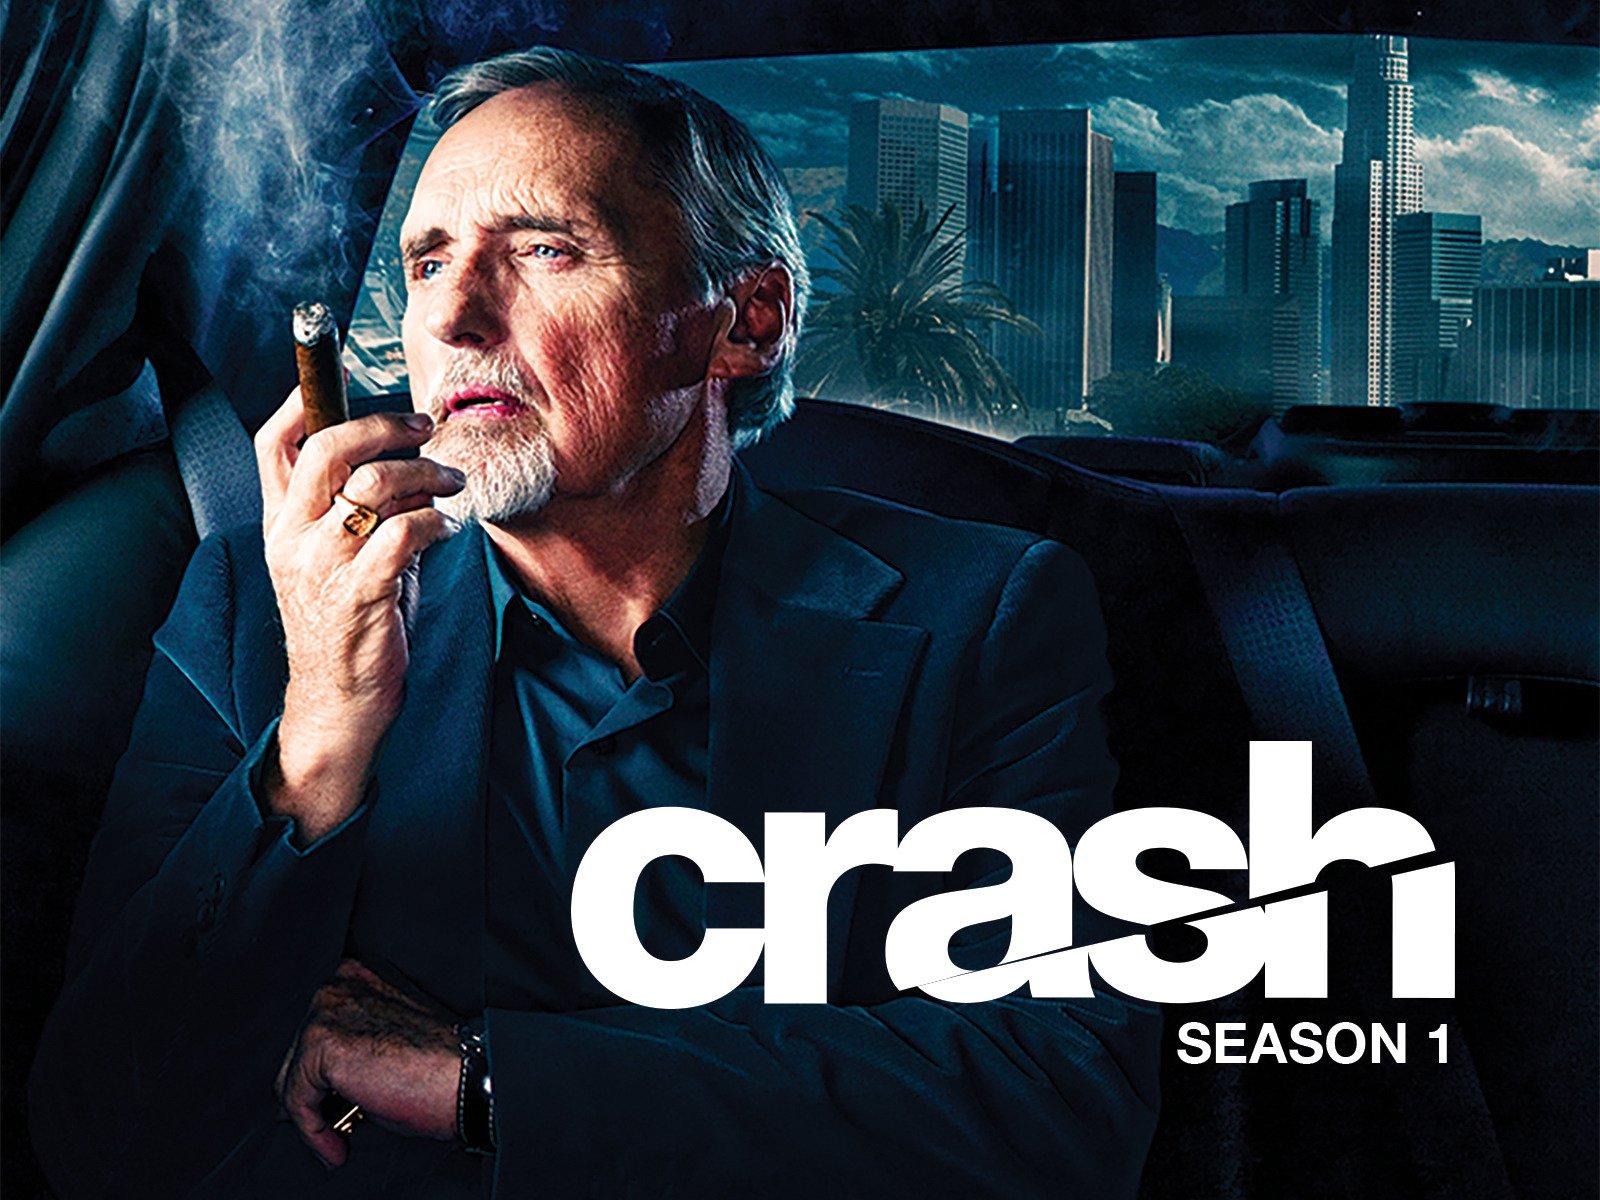 Crash - Season 1